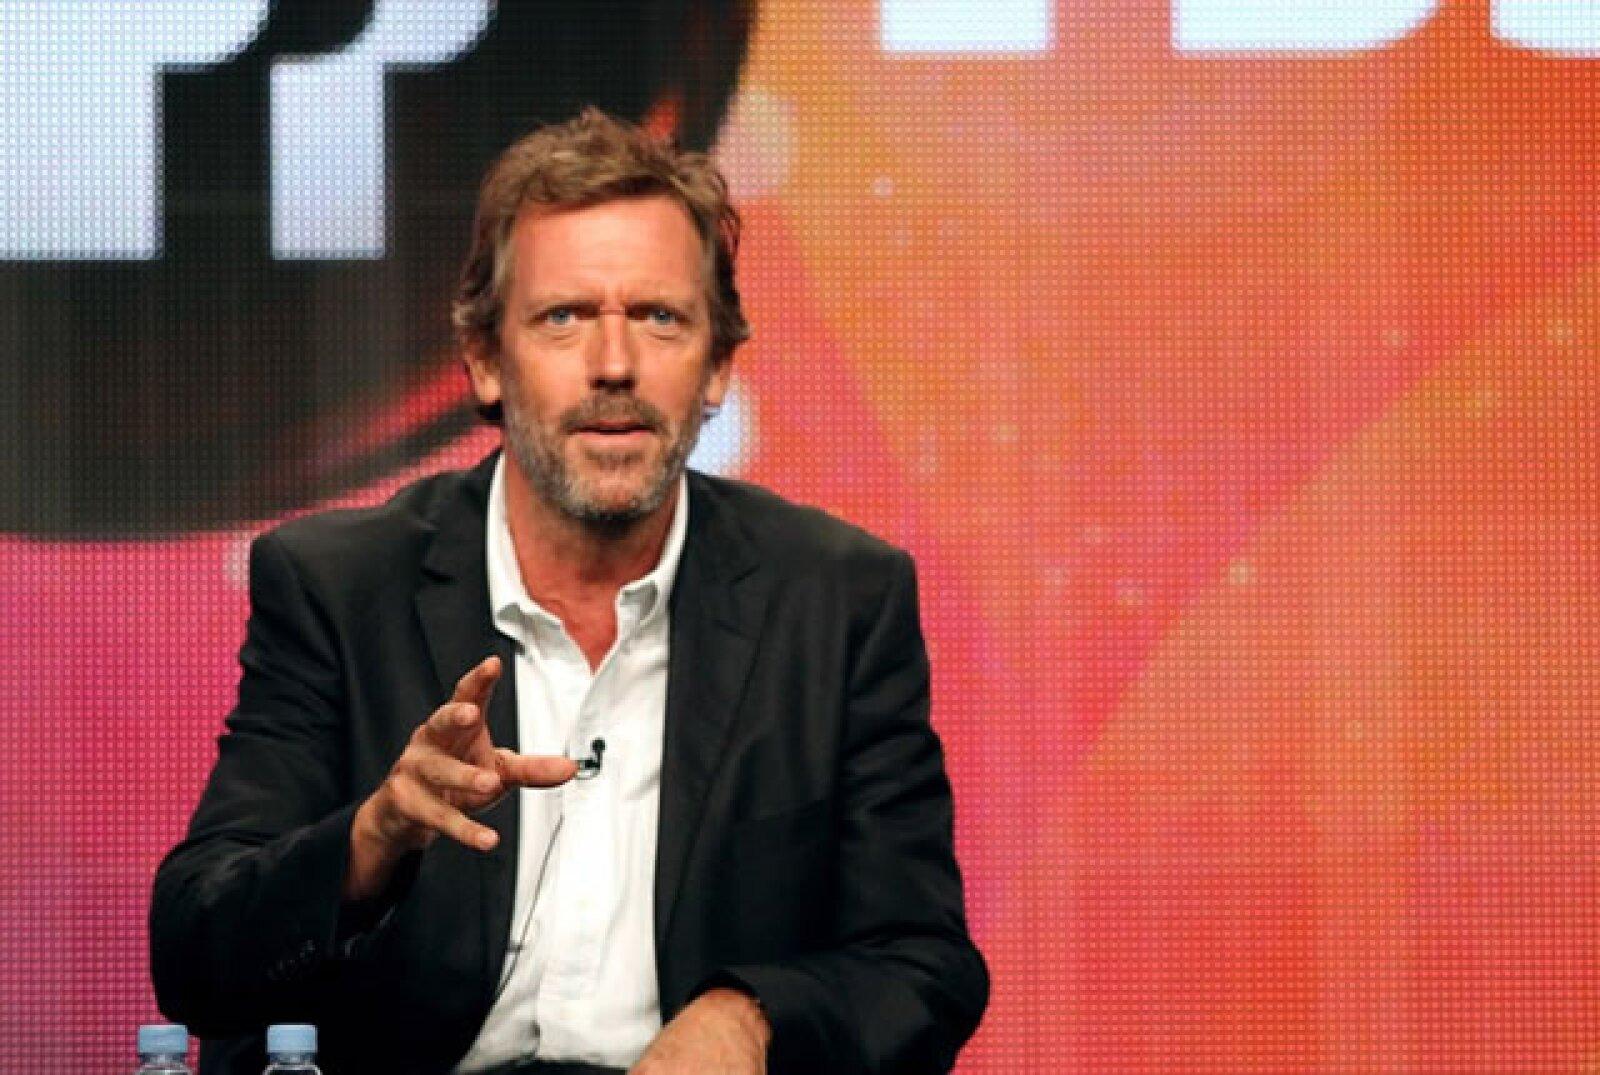 Hugh Laurie fue nominado seis veces casi consecutivas por su papel en Dr. House. Decimos casi porque en 2006 no logró una nominación.